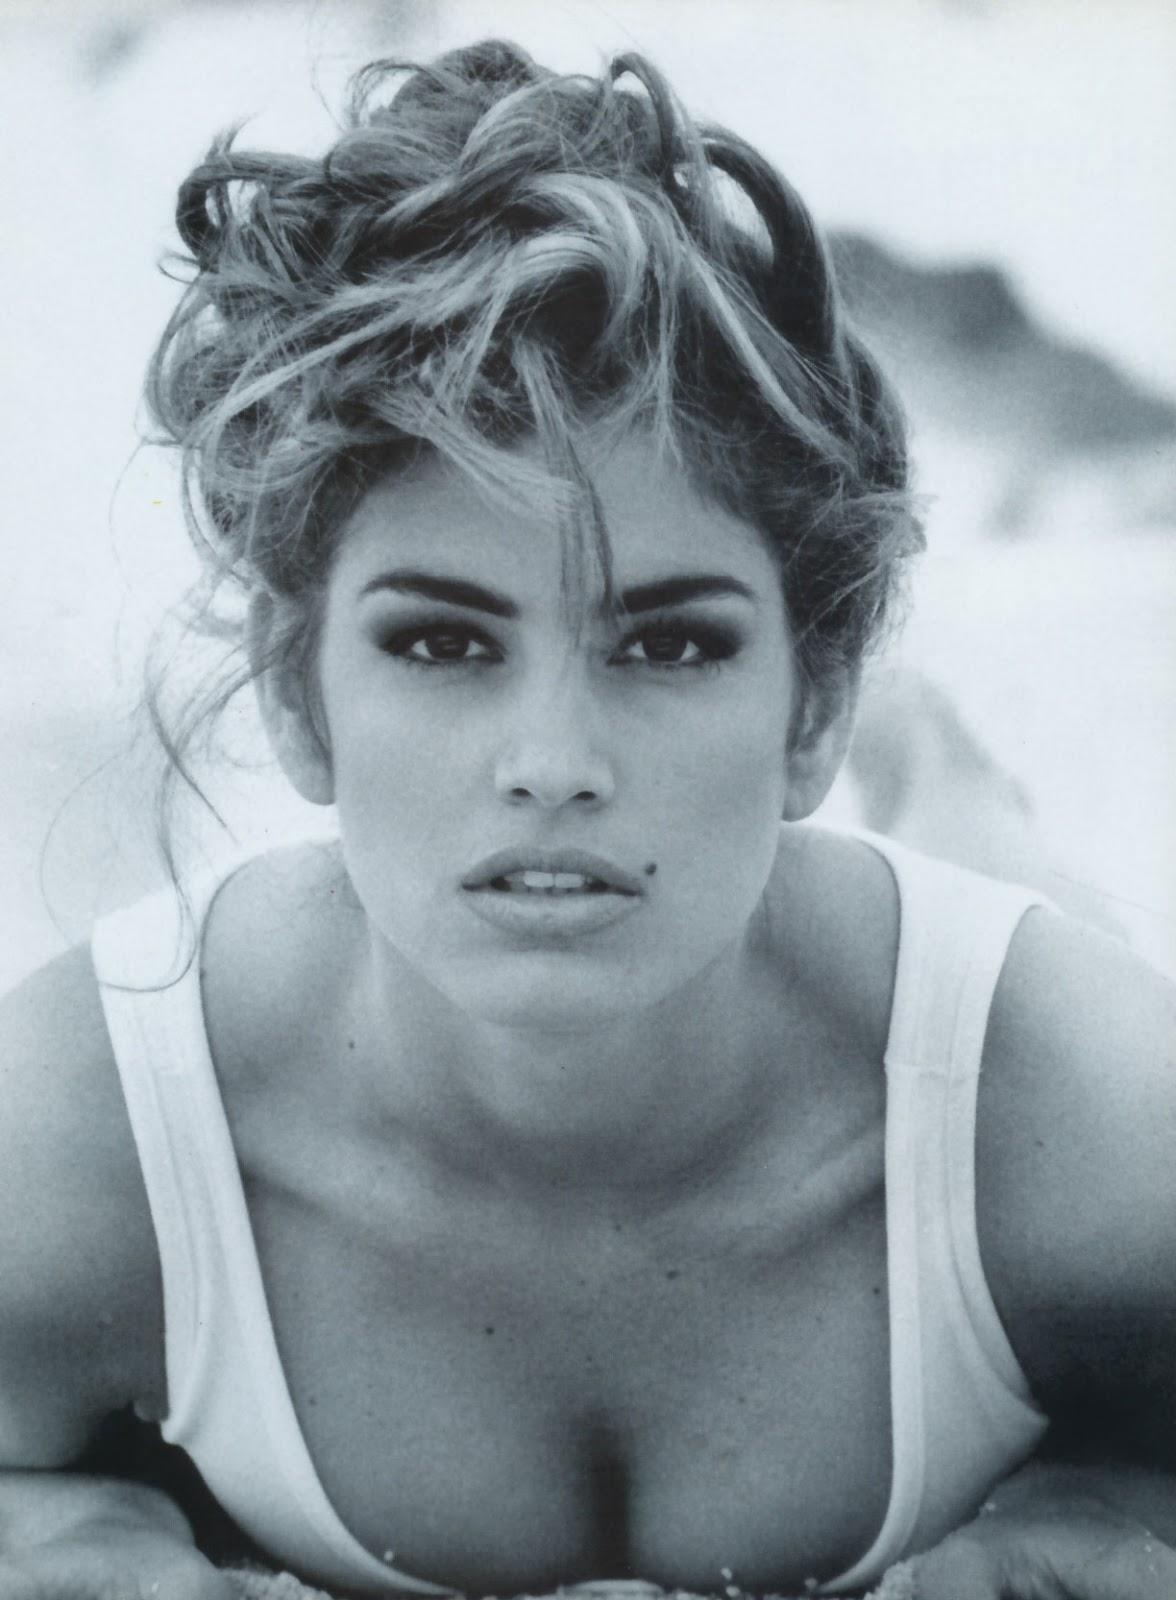 Những huyền thoại sắc đẹp của thập niên 90 khiến bạn thốt lên: Đây mới đúng là nữ thần! - Ảnh 6.